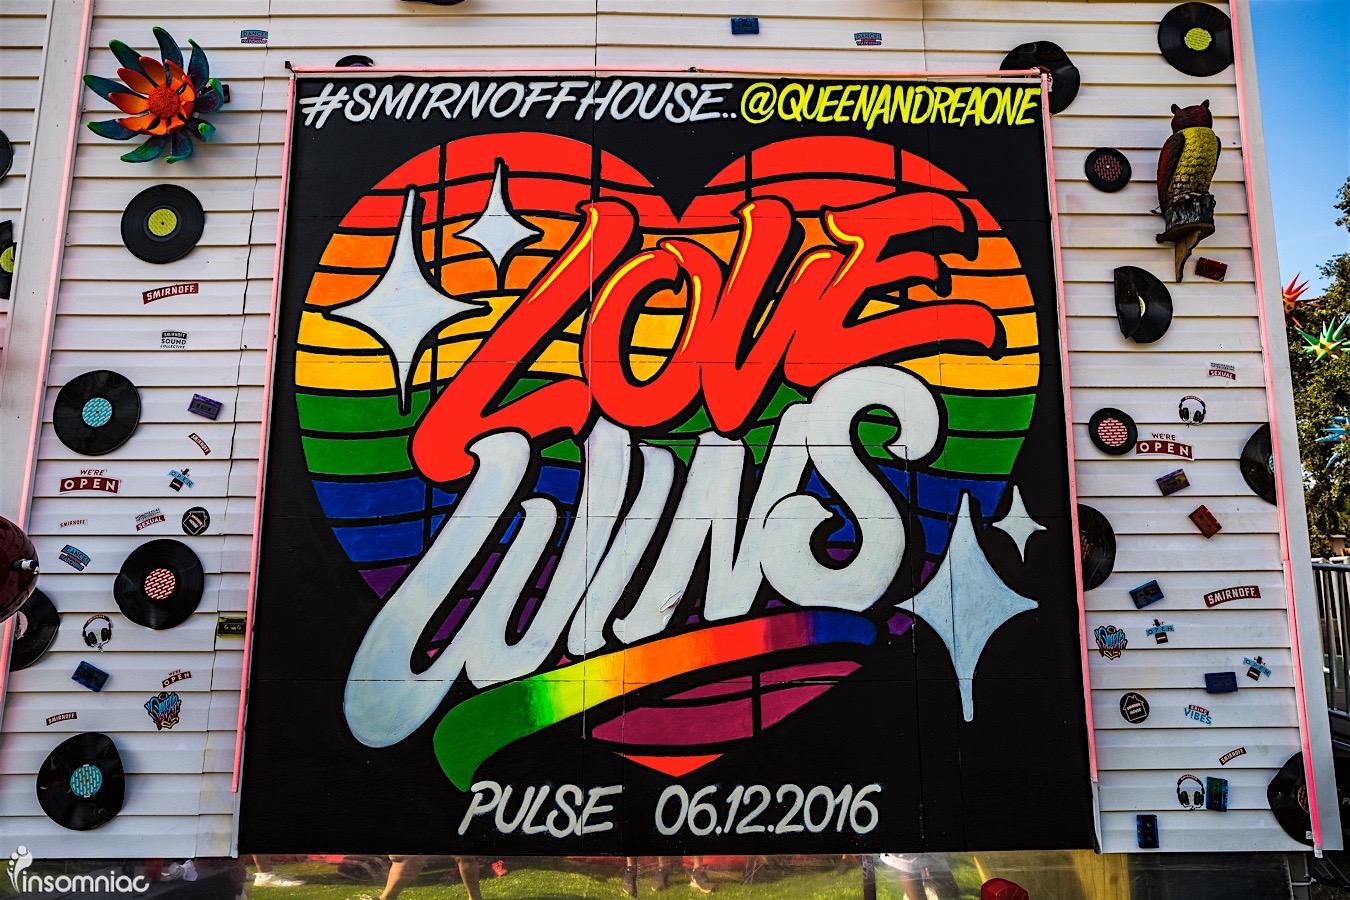 Smirnoff House & Pulse Nightclub Debut #Lovewins Mural At